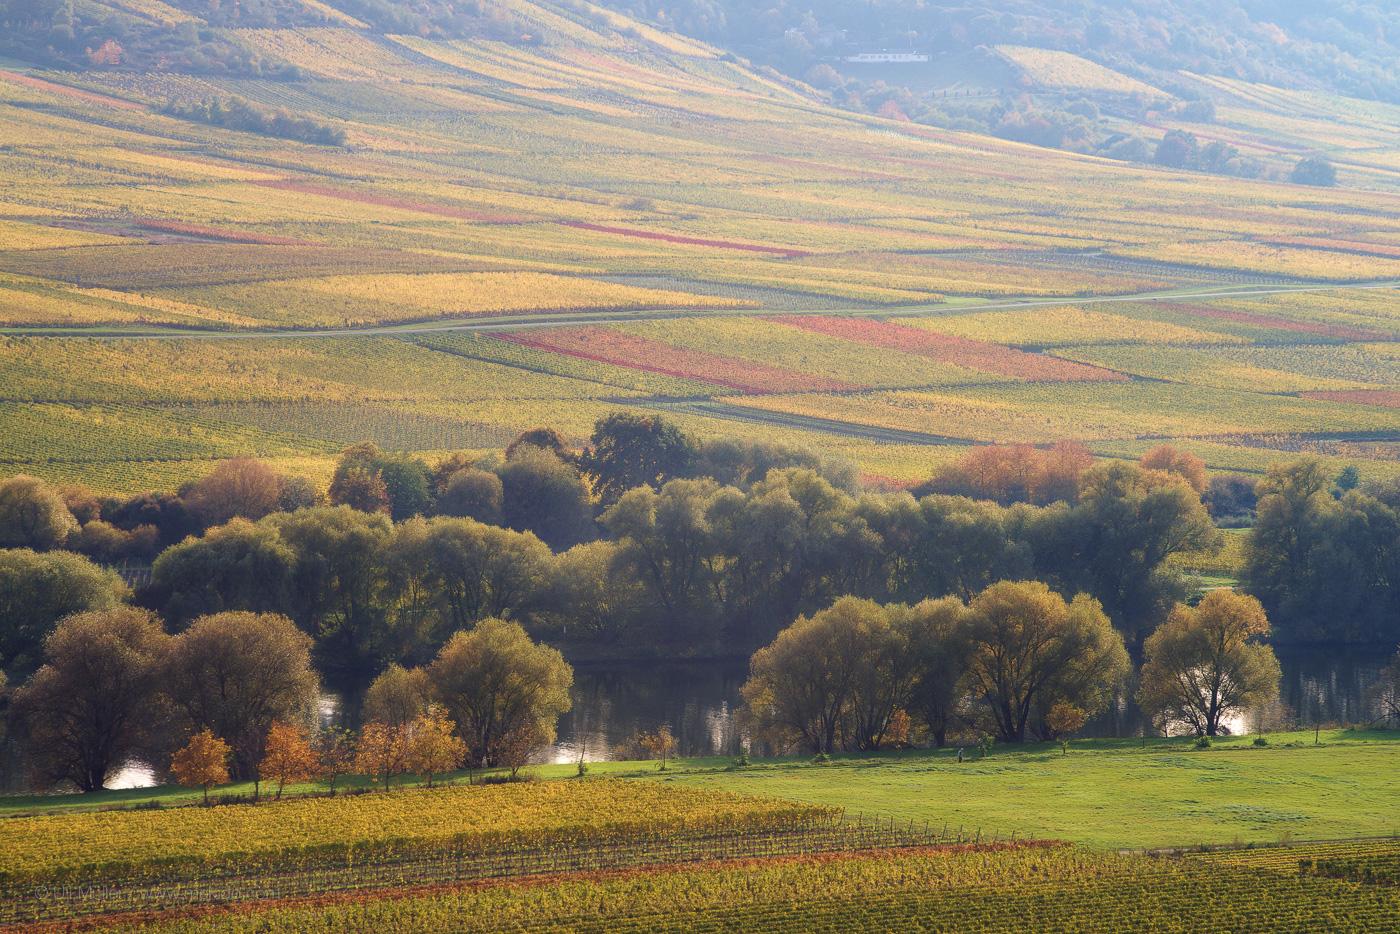 Landschaftsfoto mit Mosel und Weinlage in der Nähe von Wintrich.